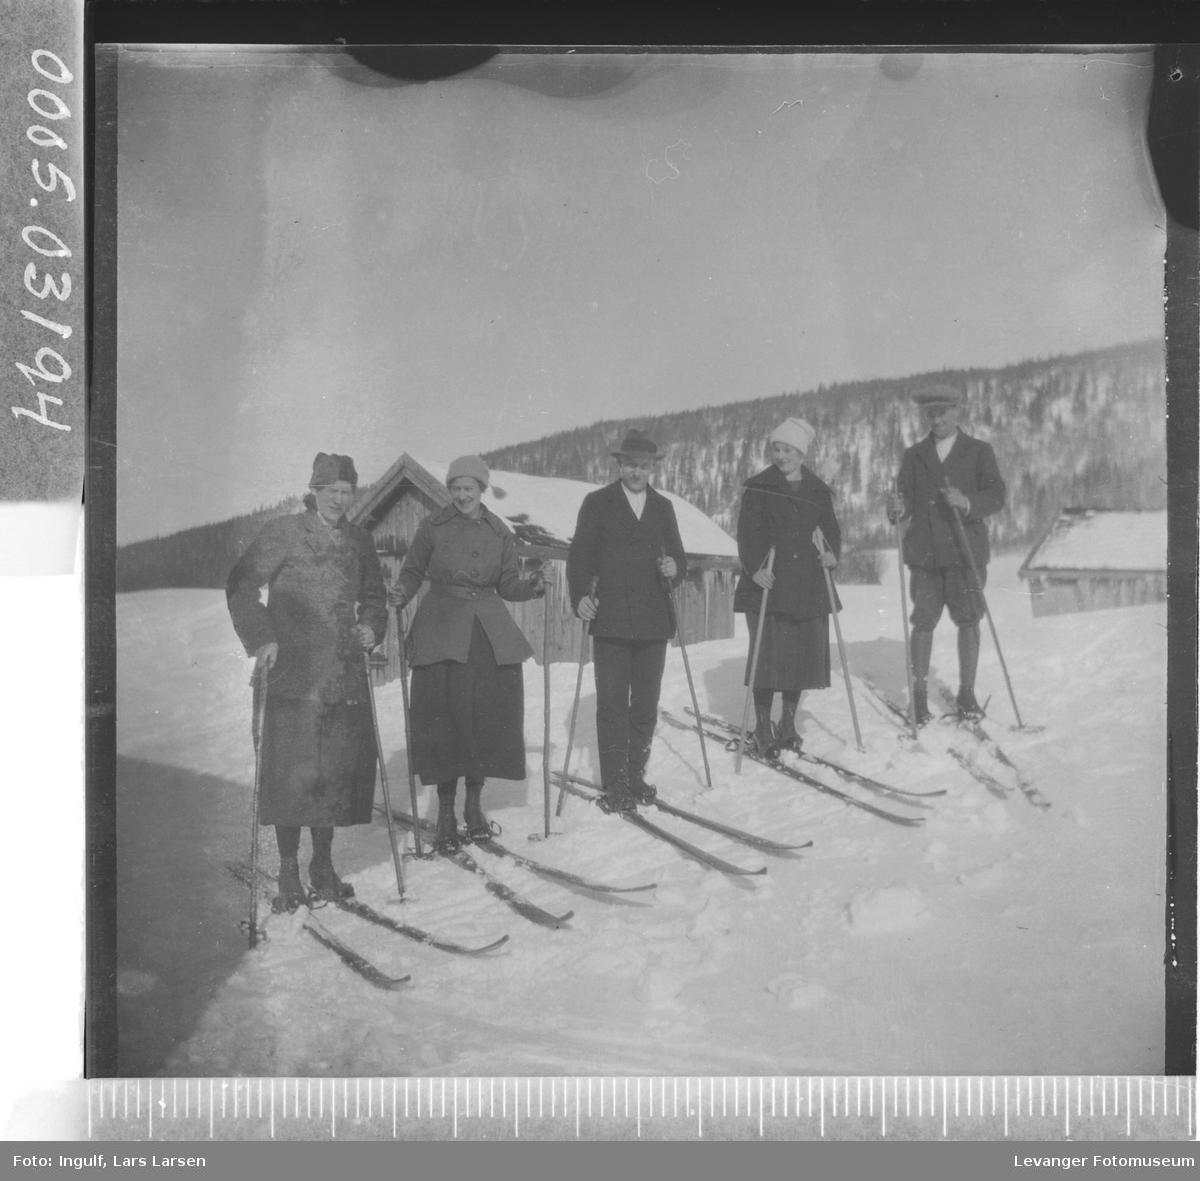 Gruppebilde av tre kvinner og to menn på ski.